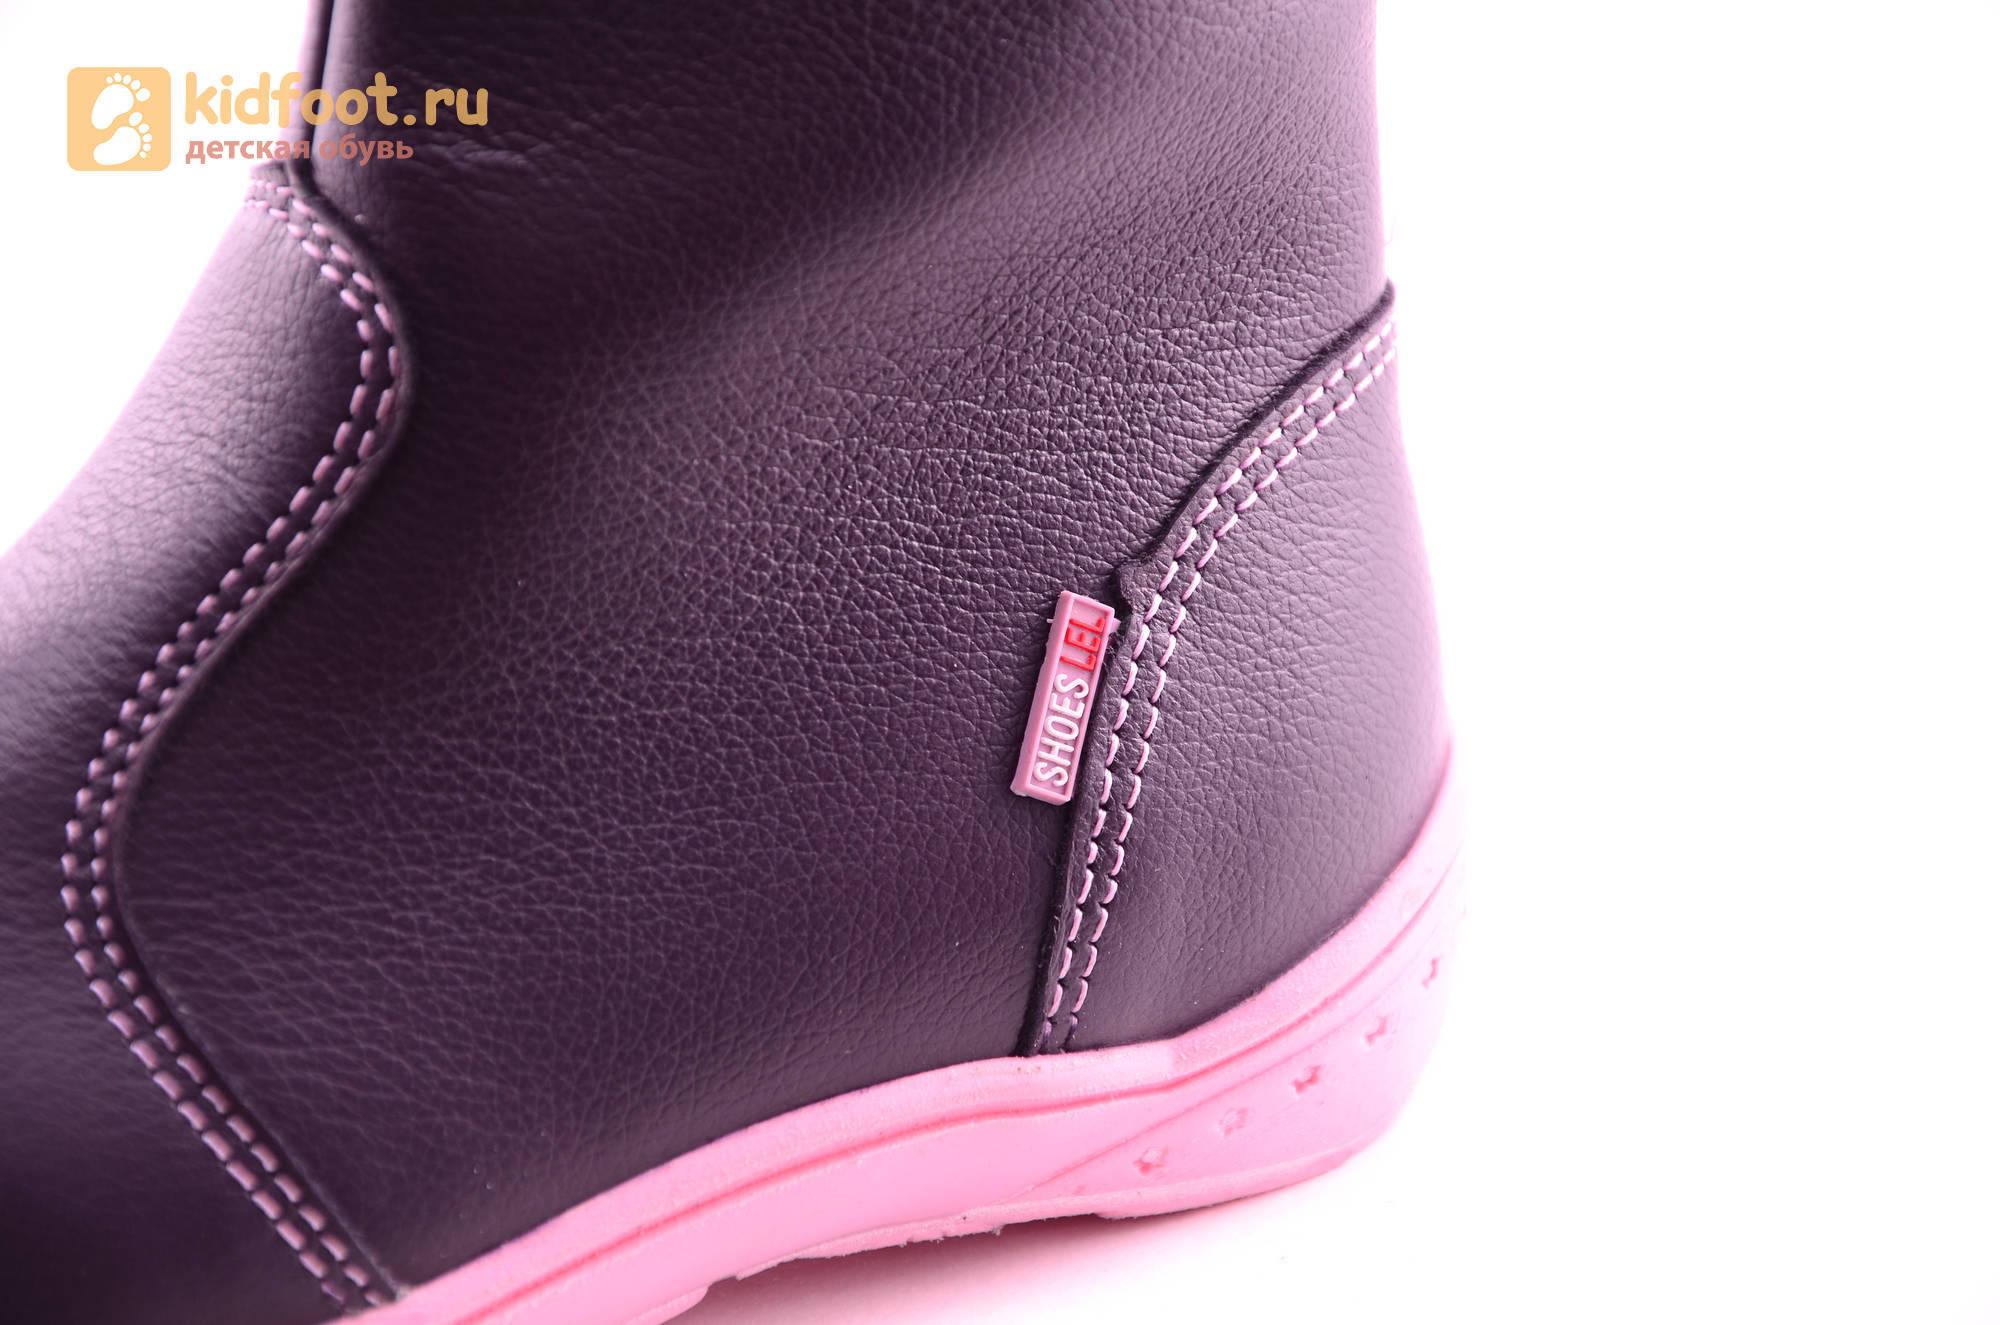 Сапоги для девочек из натуральной кожи на байковой подкладке Лель (LEL), цвет черника